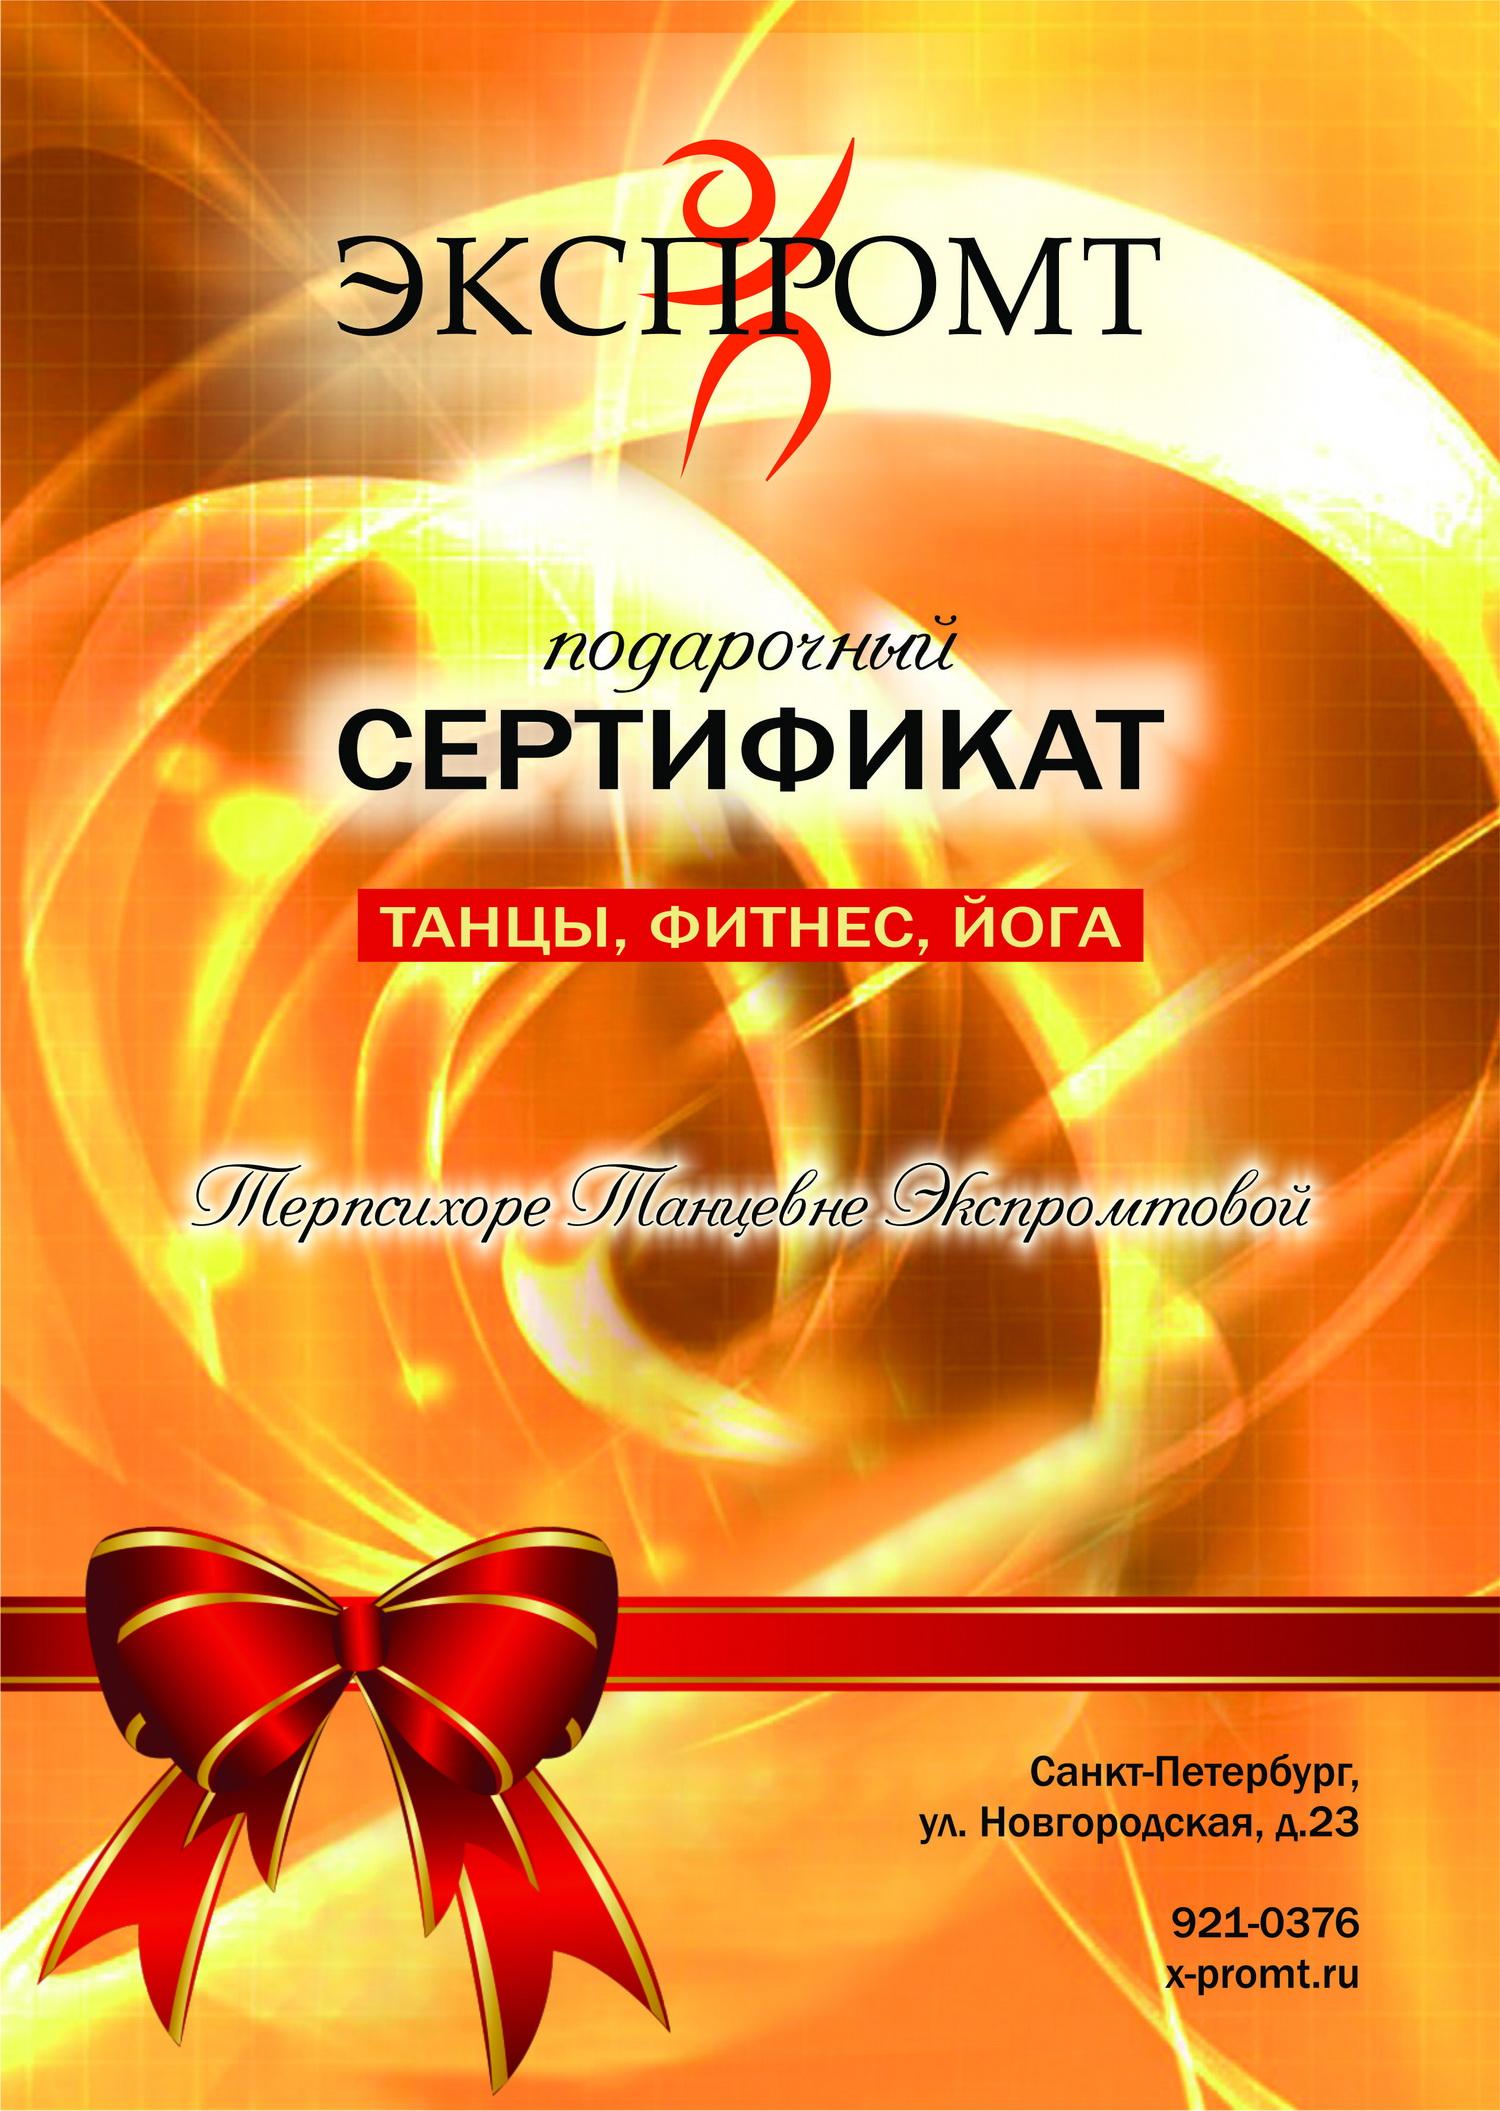 Подарочный сертификат на танцы, фитнес, йогу, солярий, массаж, выступления танцоров